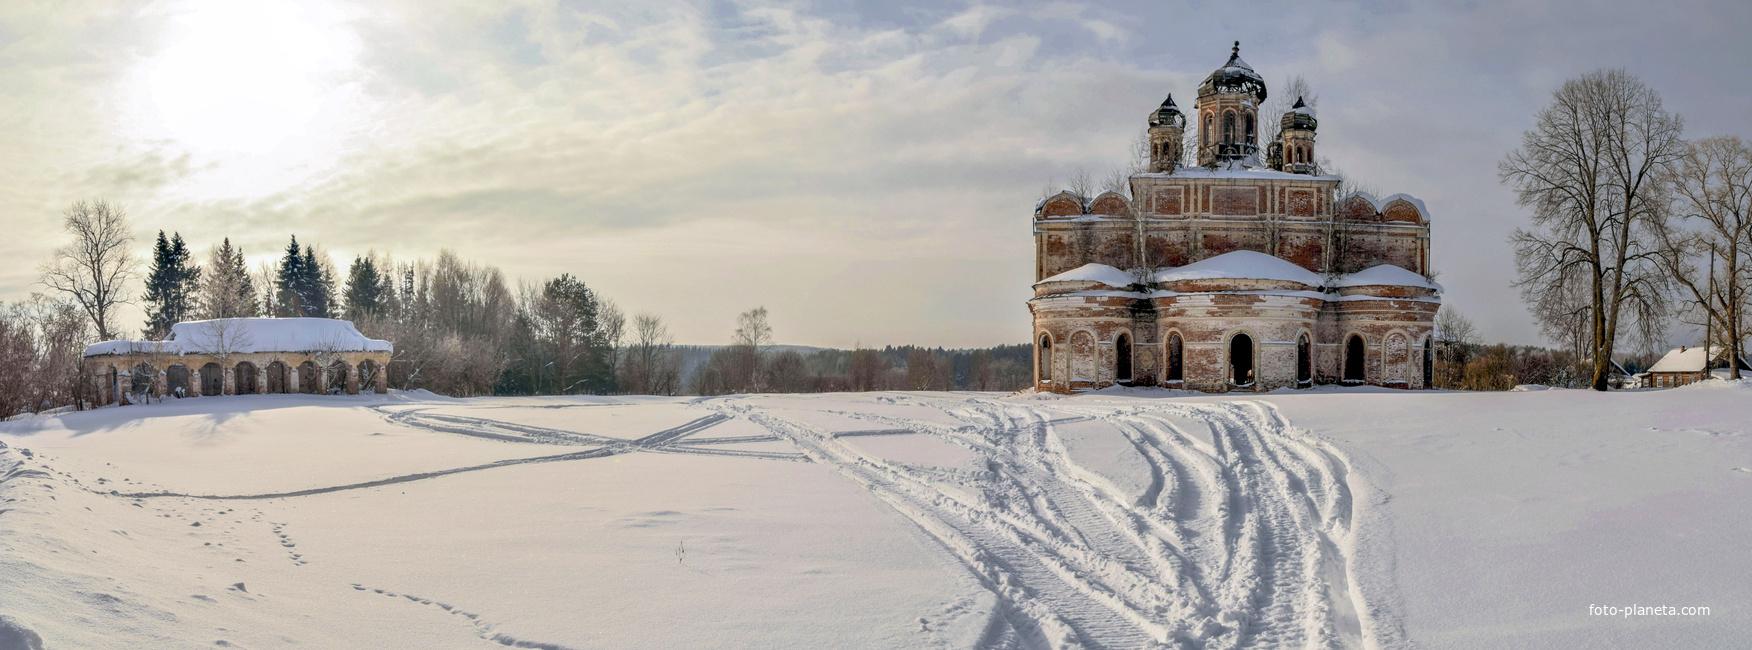 Воскресенская церковь и бывшие торговые ряды в  с. Кырмыж Куменского района